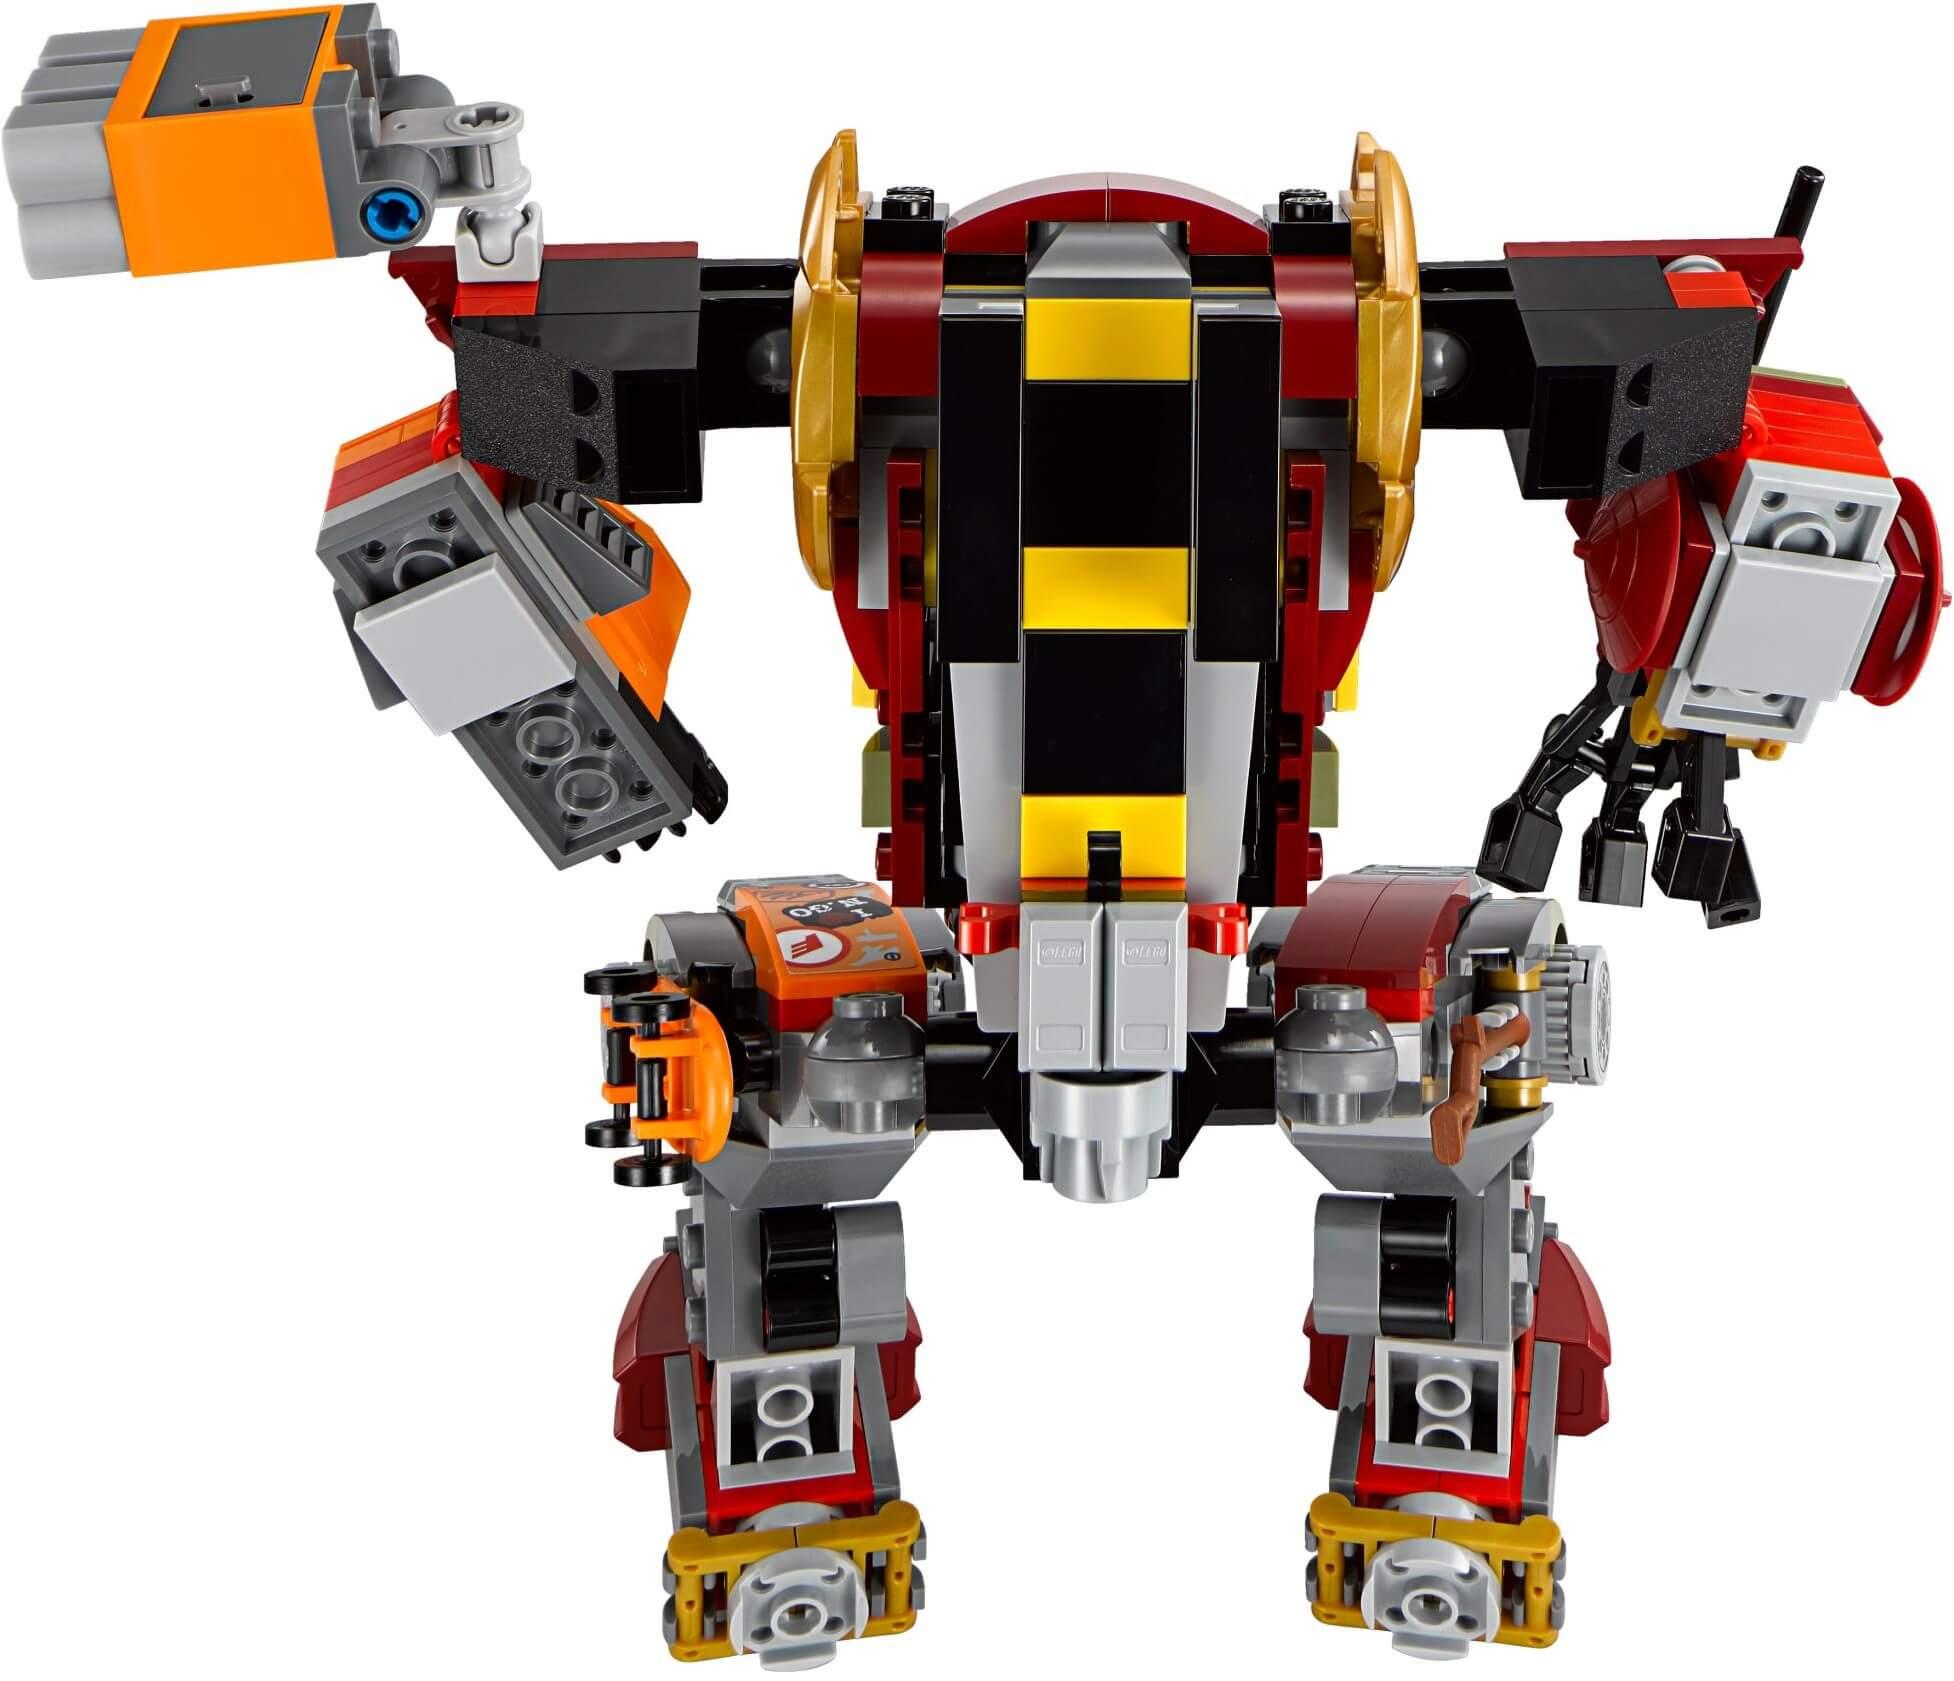 Mua đồ chơi LEGO 70592 - LEGO Ninjago 70592 - Siêu Người Máy của Ronin (LEGO Ninjago Salvage M.E.C. 70592)